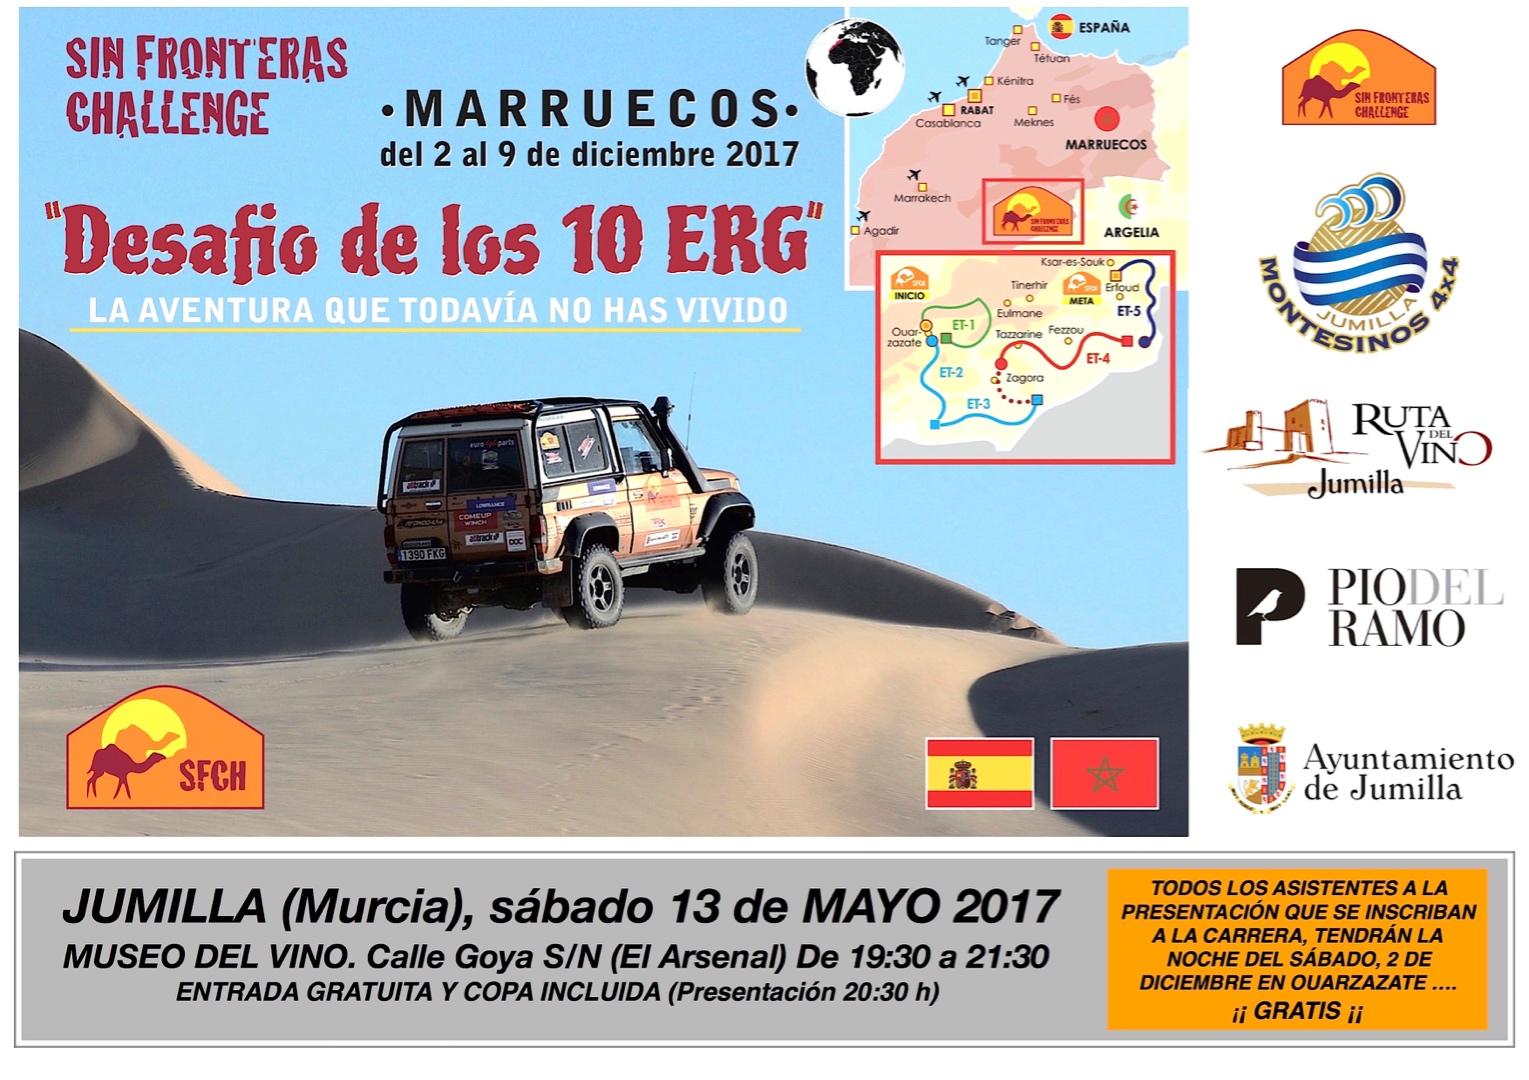 Sin fronteras challenge rally raid de navegaci n for Oficina turismo marruecos